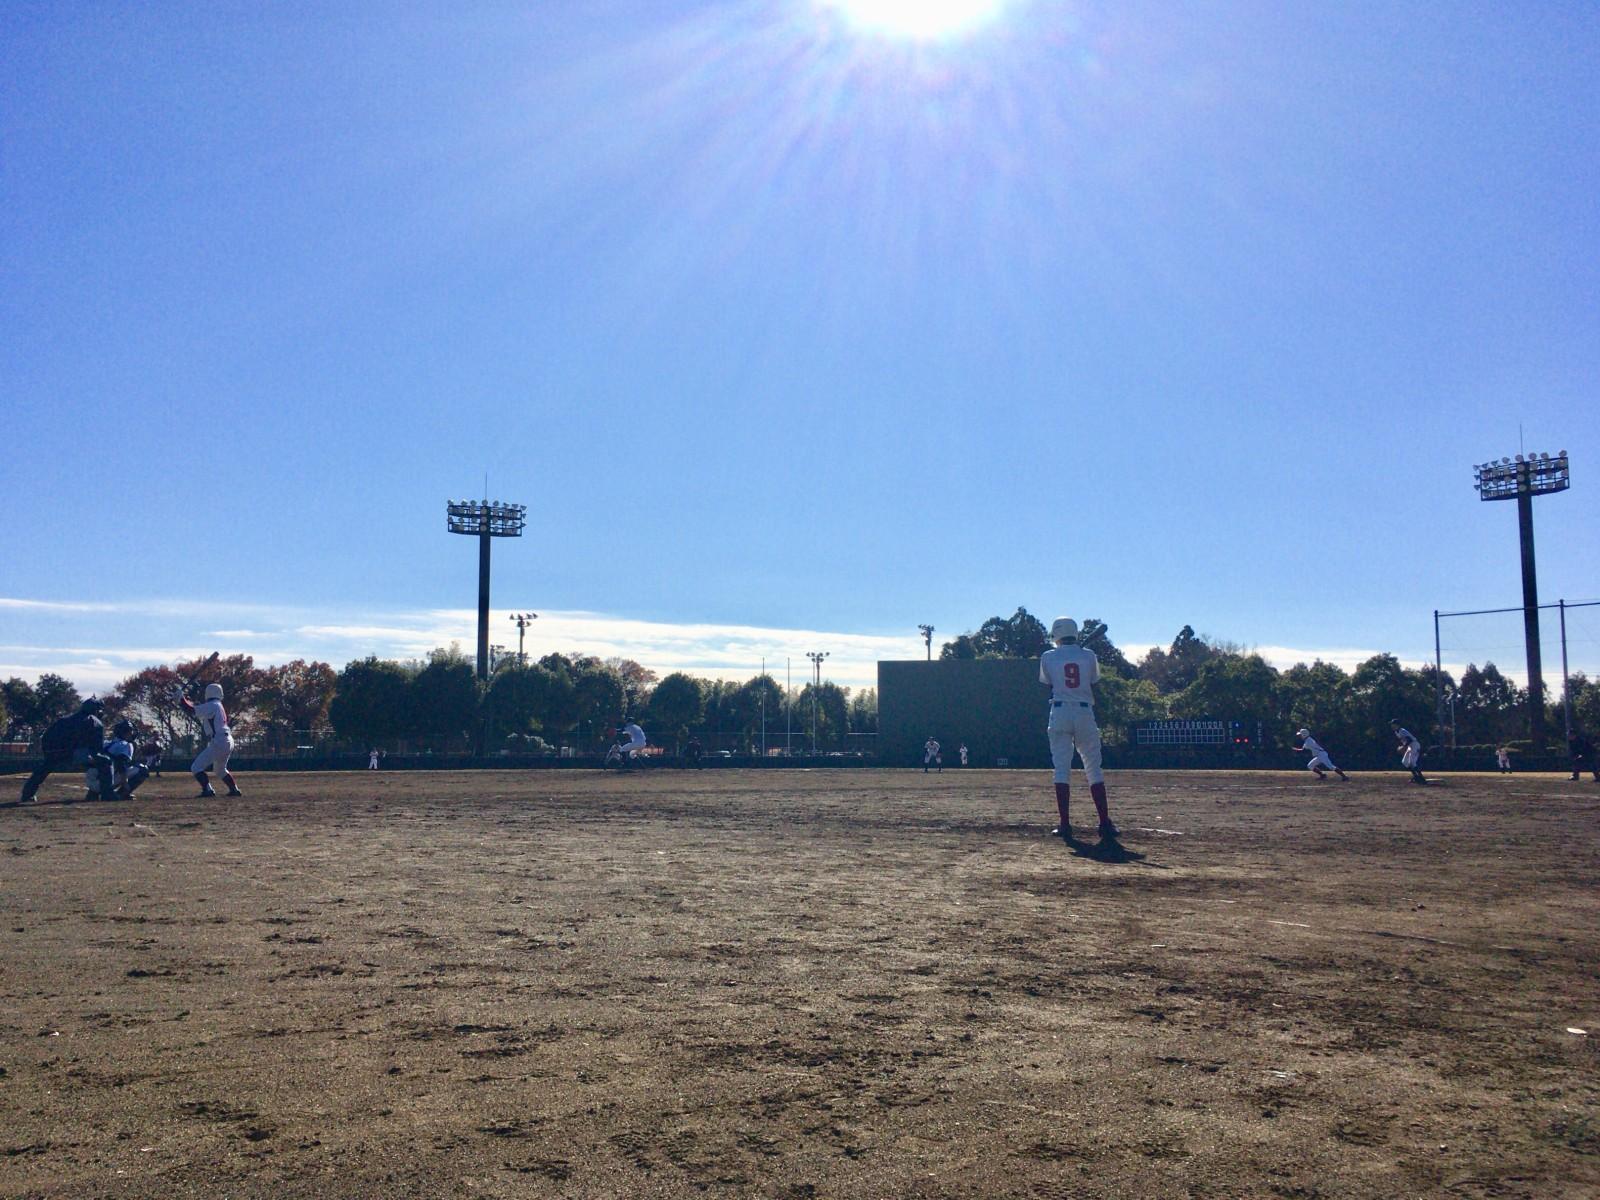 2017.12.02 第5回水戸ヤクルトカップ大会 1回戦 水戸東リトルシニア戦